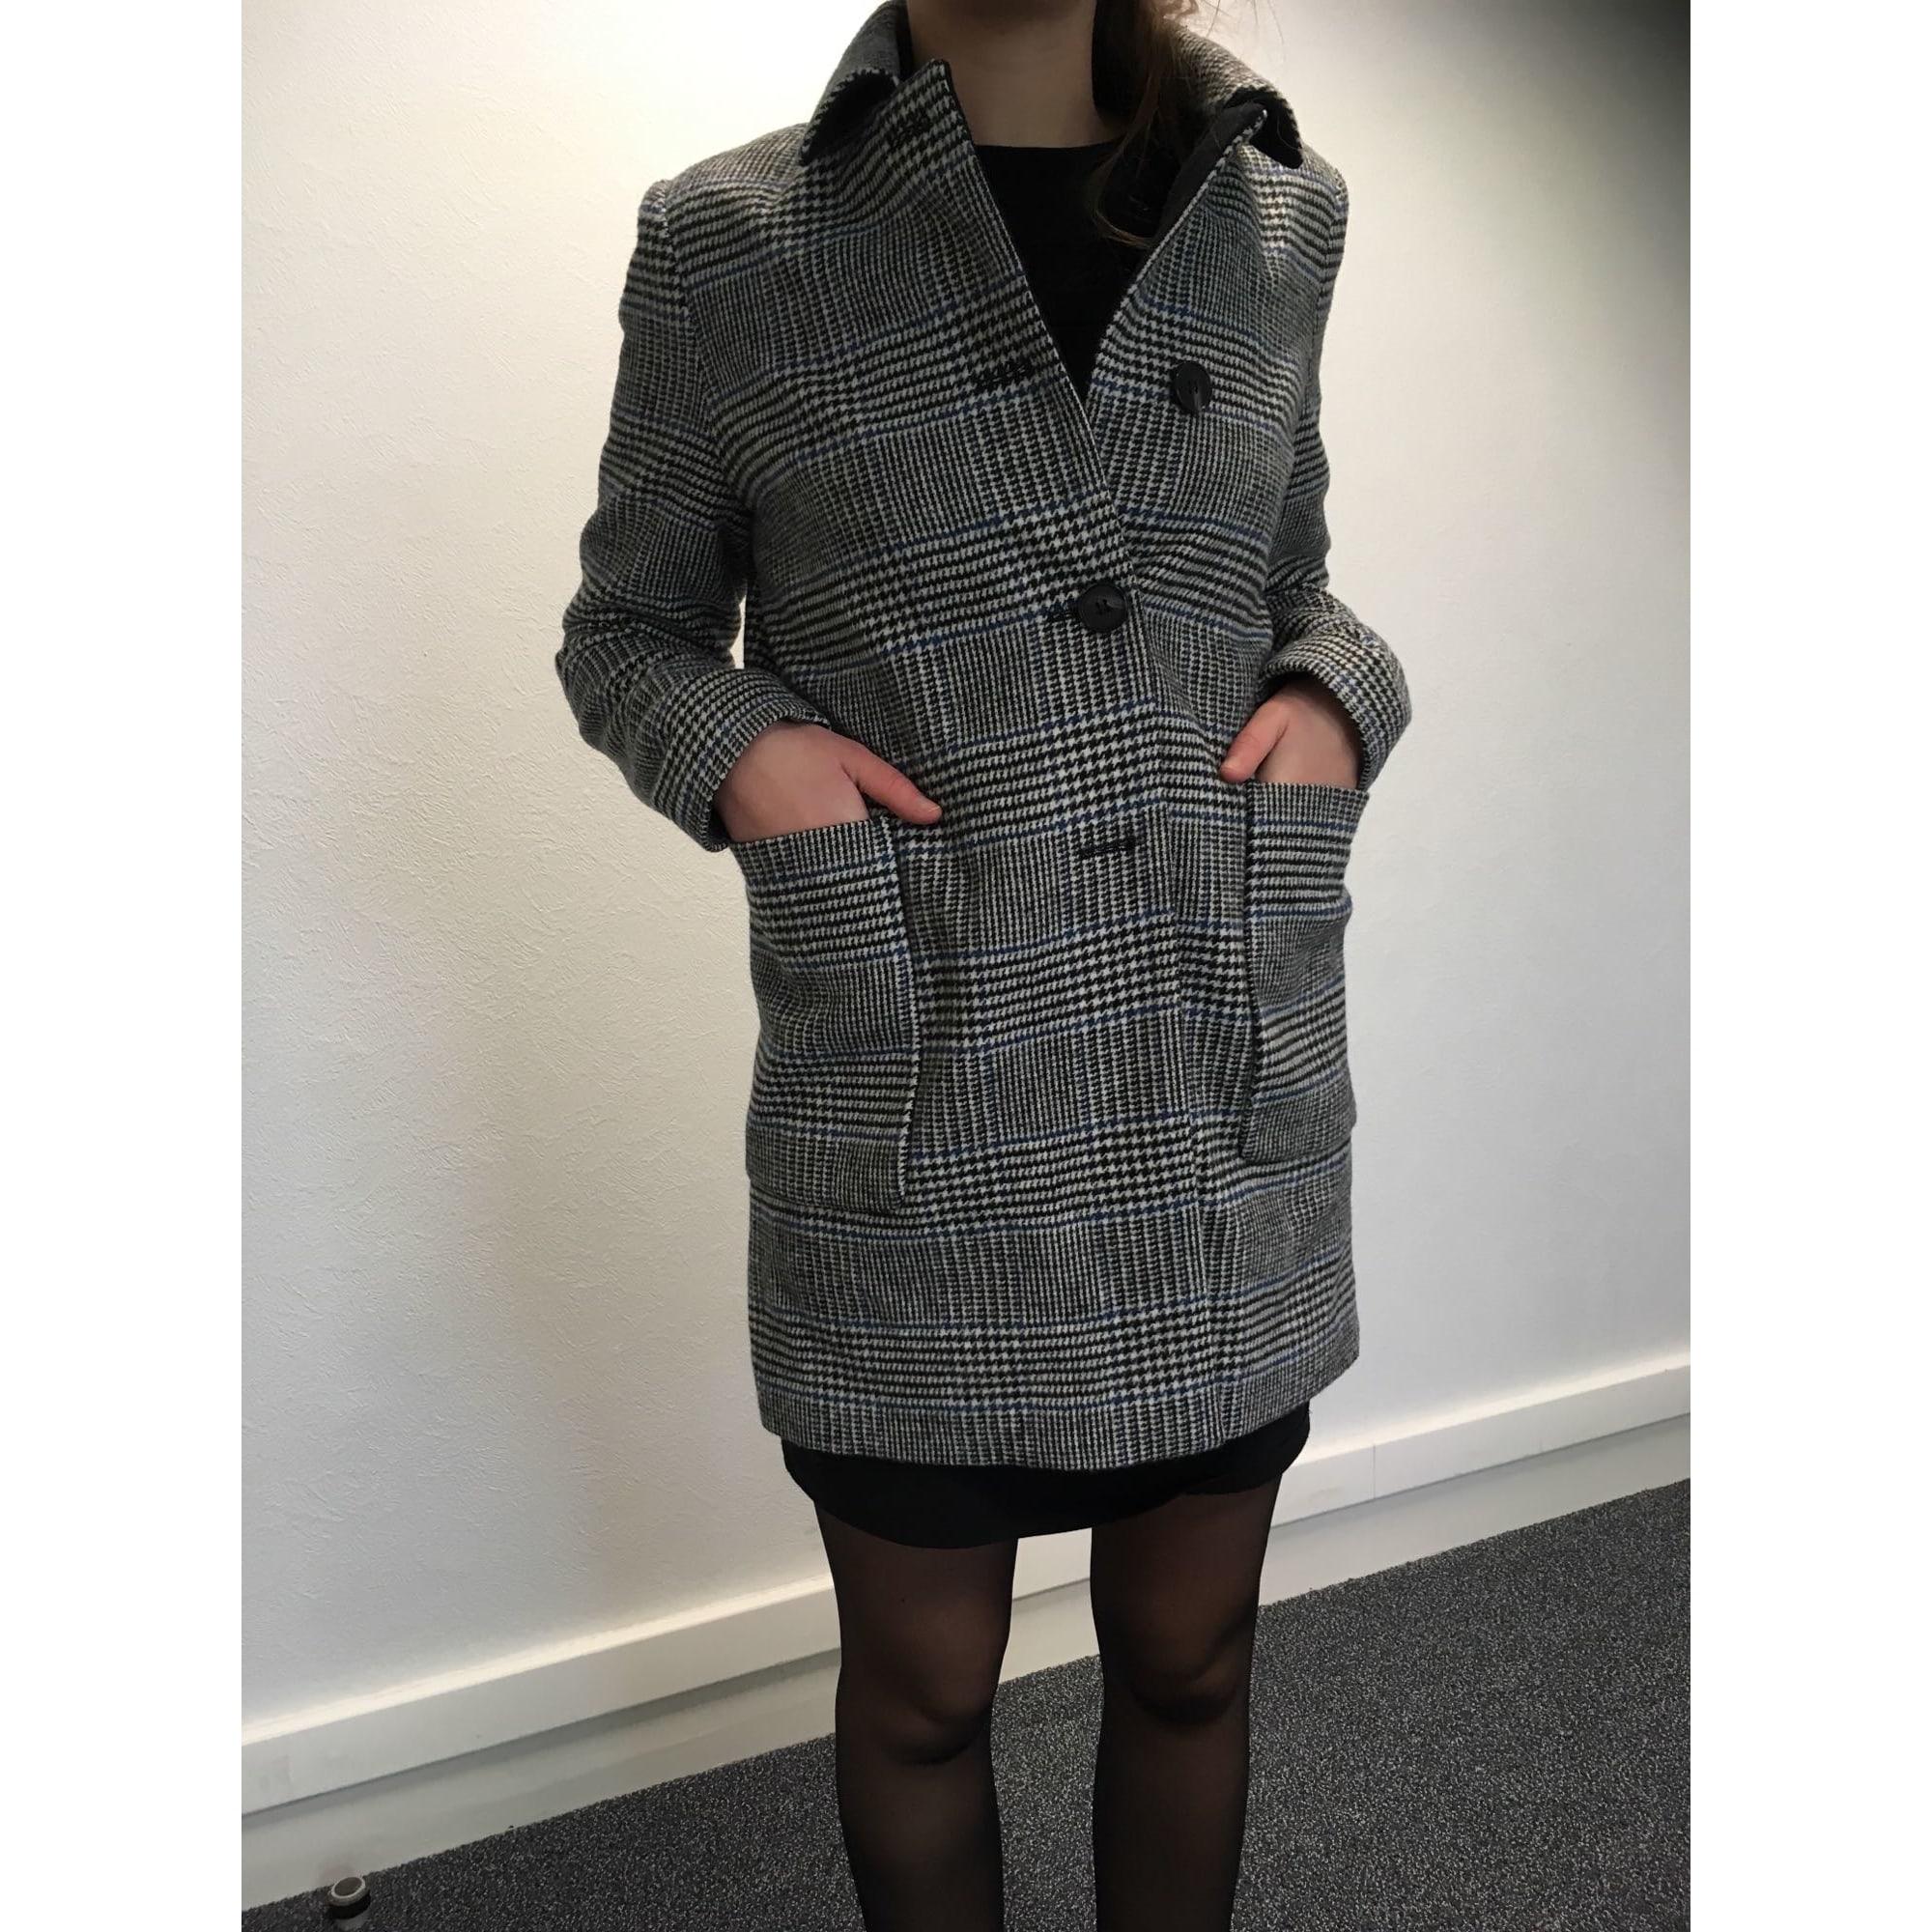 Manteau femme 2019 etam